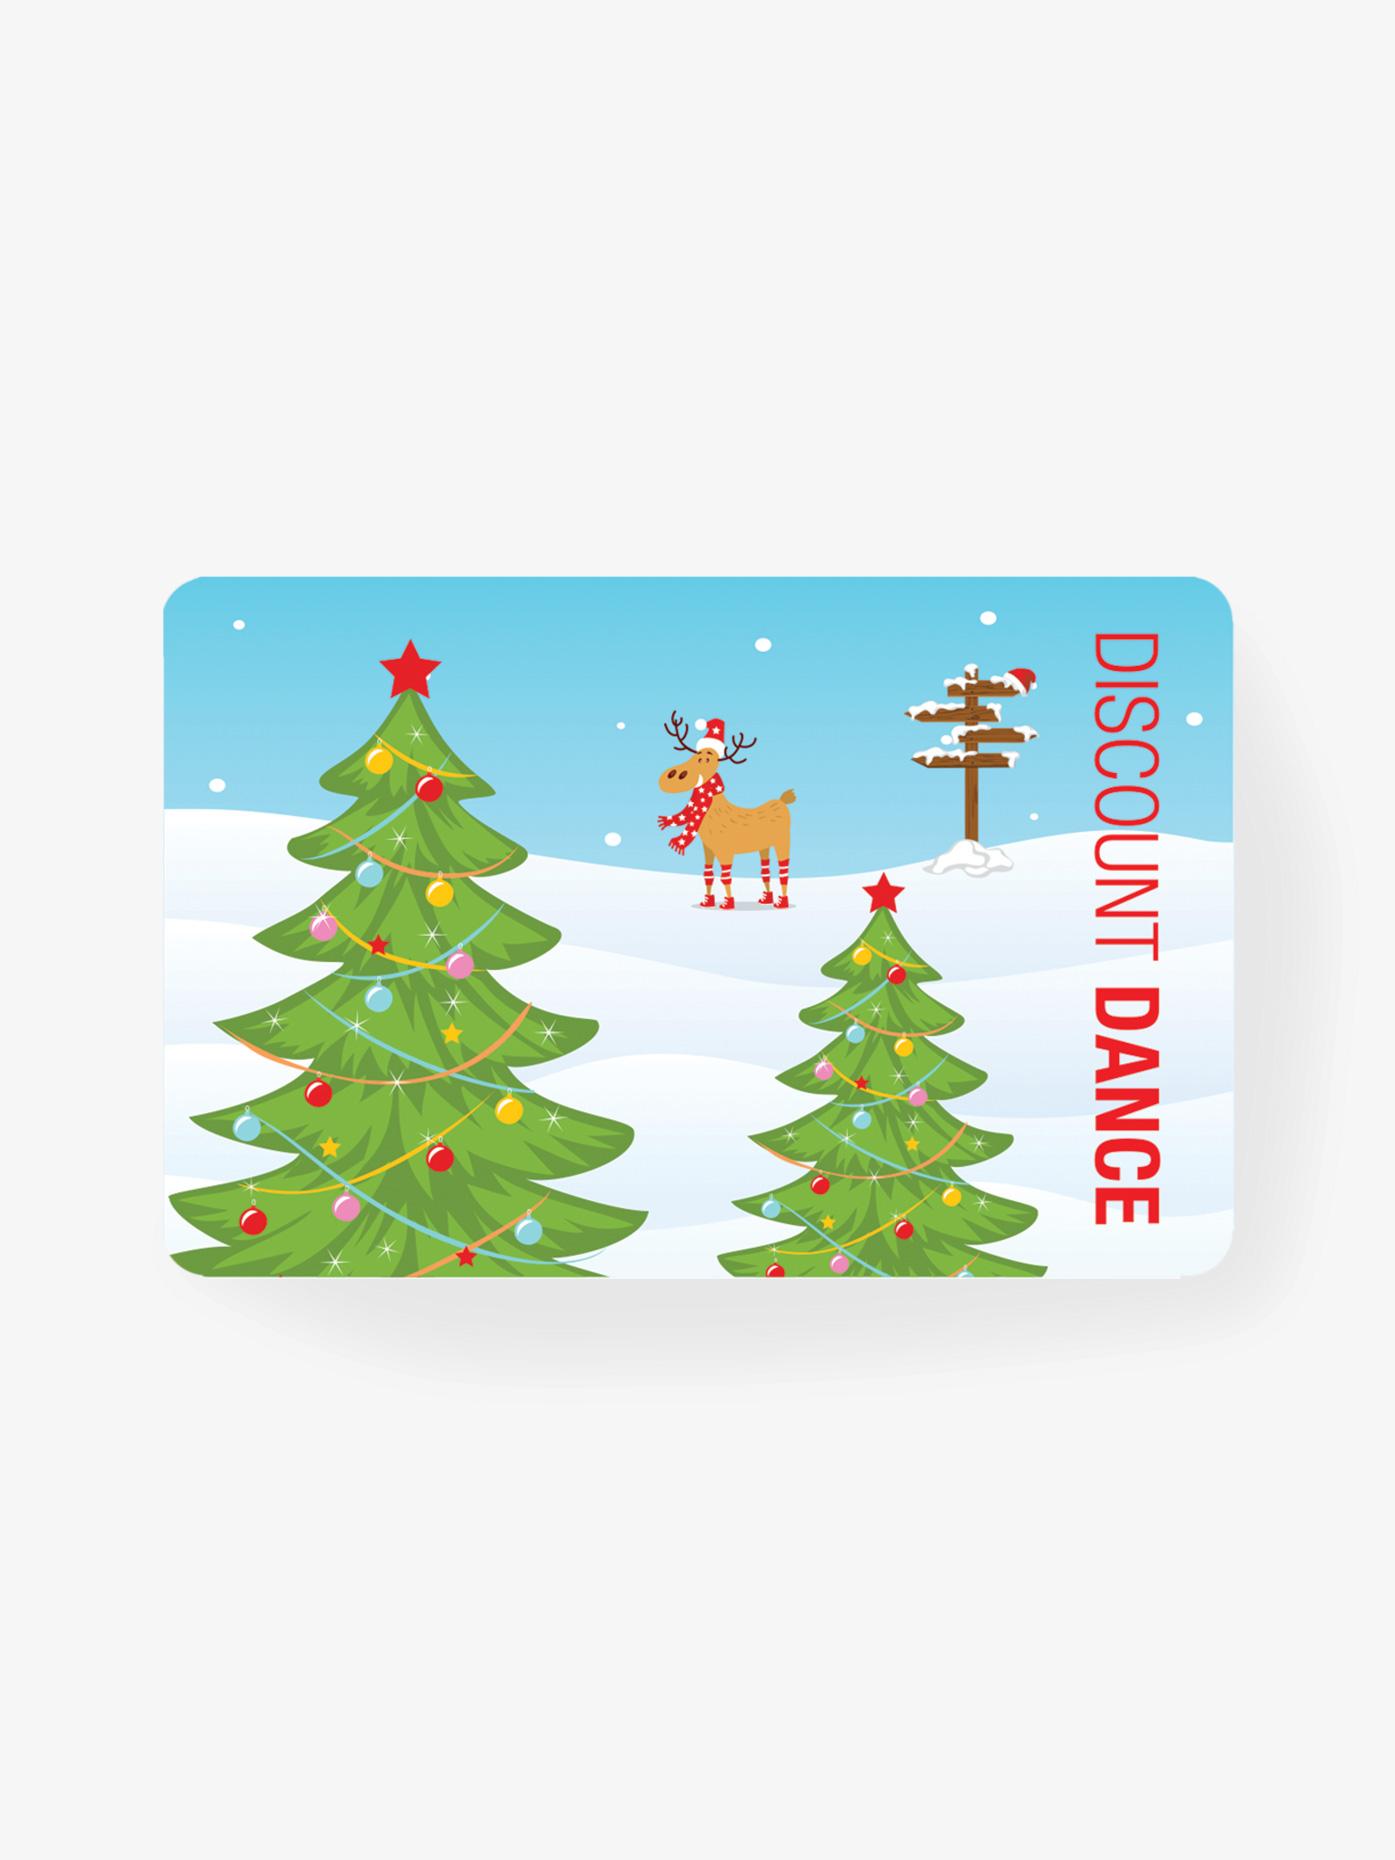 giftcard_2.jpg main zoom image